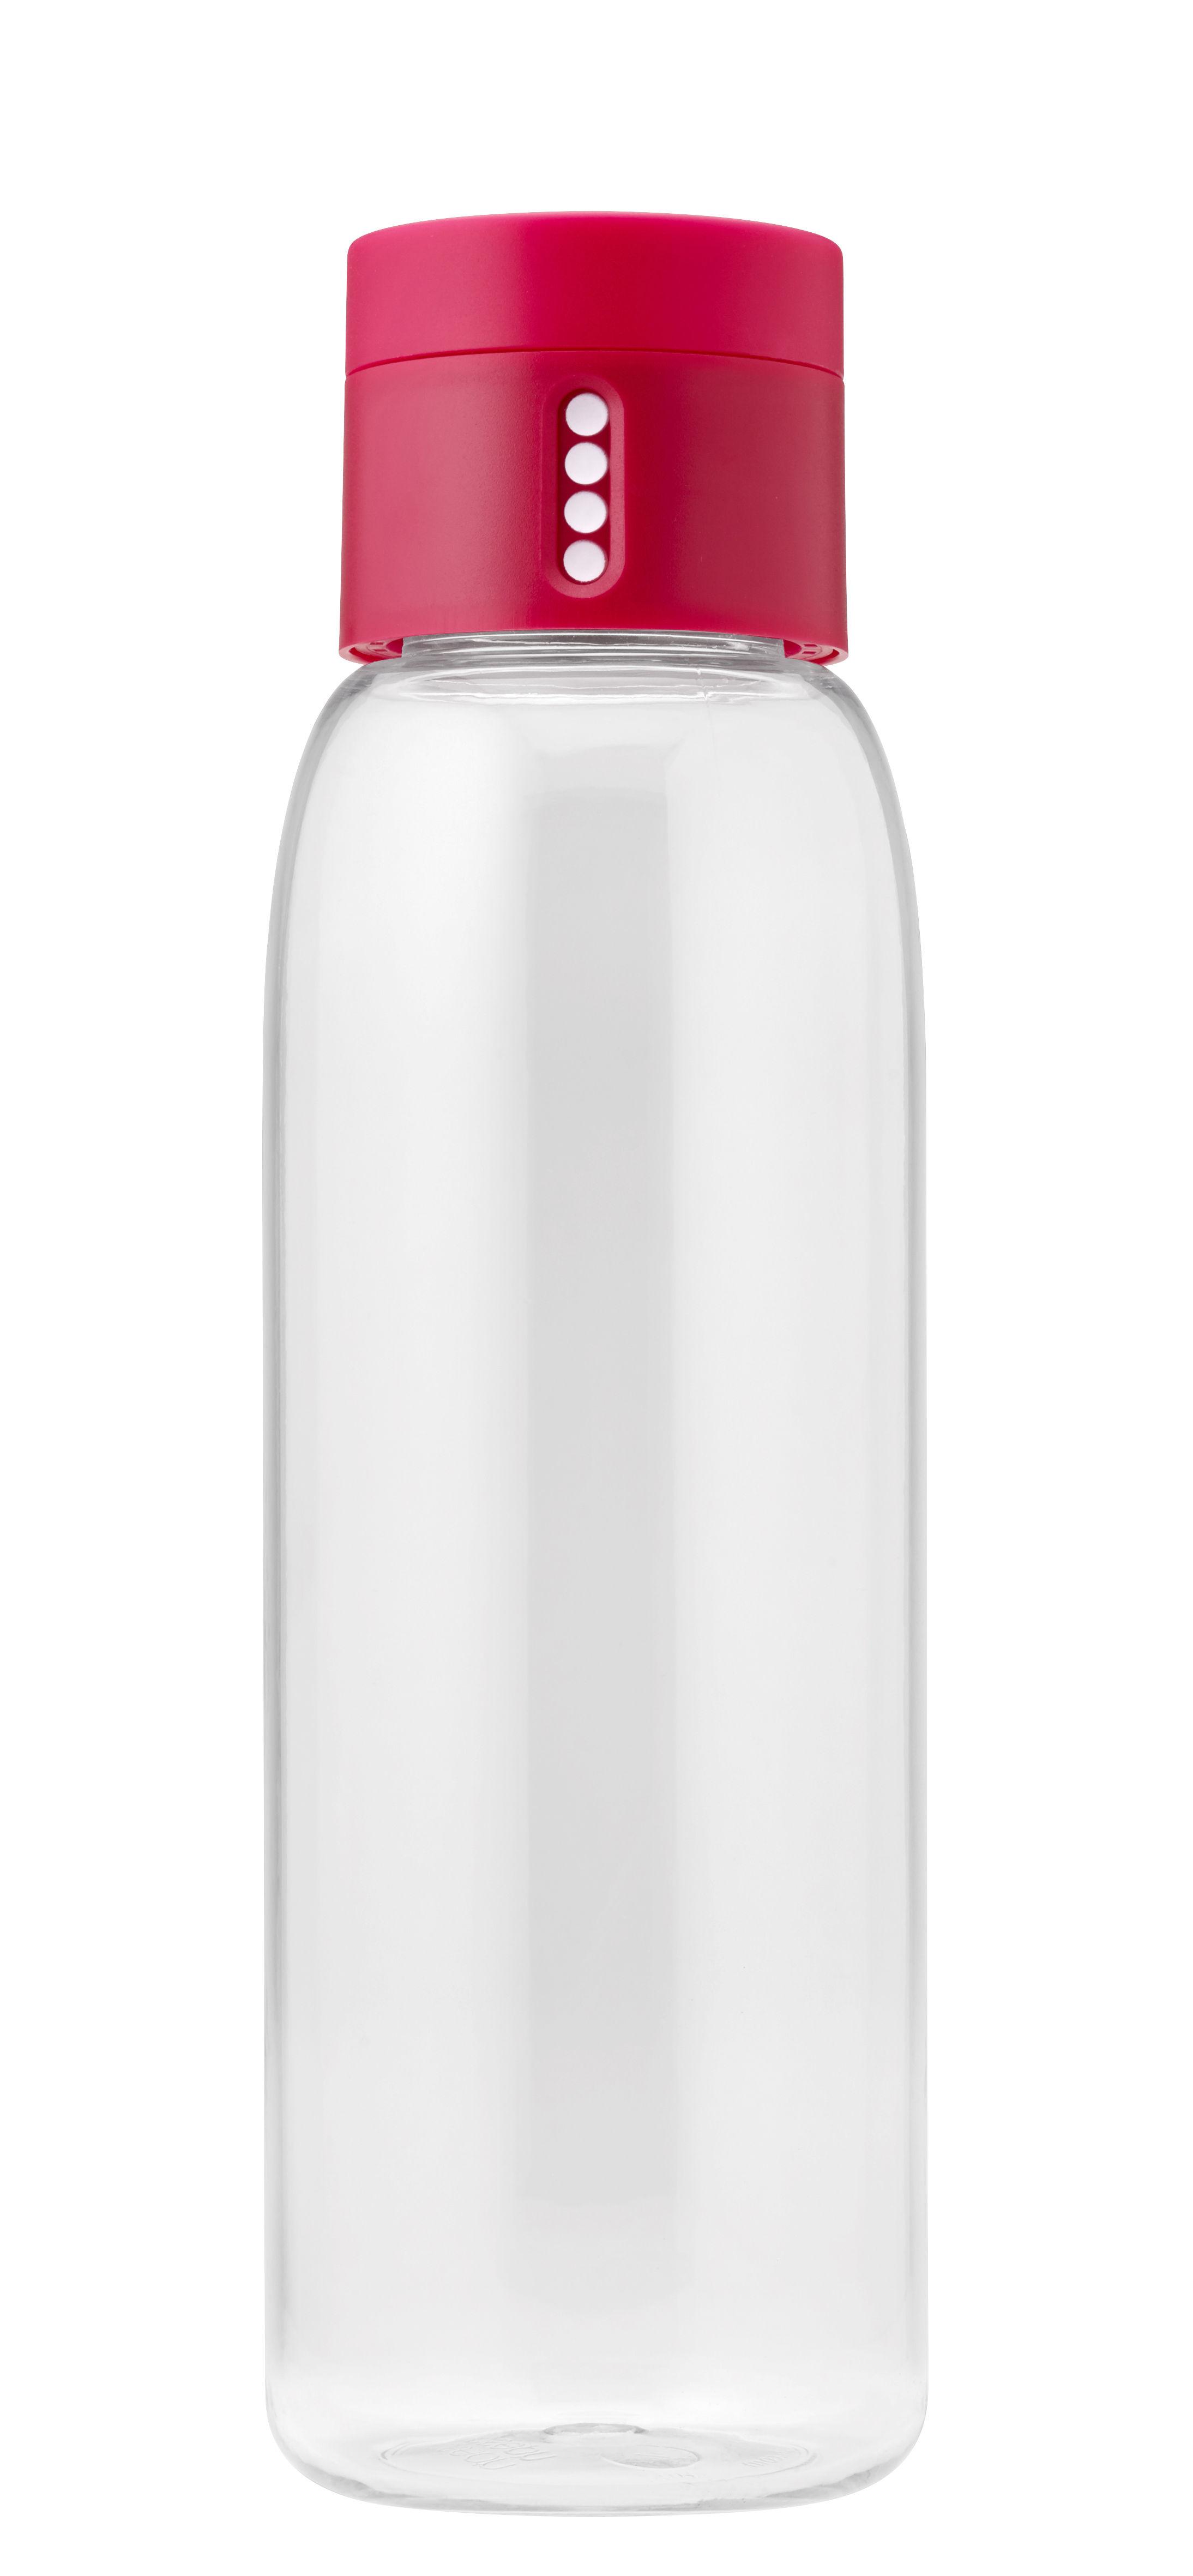 Arts de la table - Carafes et décanteurs - Gourde Dot / Bouchon intelligent - 600 ml - Joseph Joseph - Rose - Plastique écologique